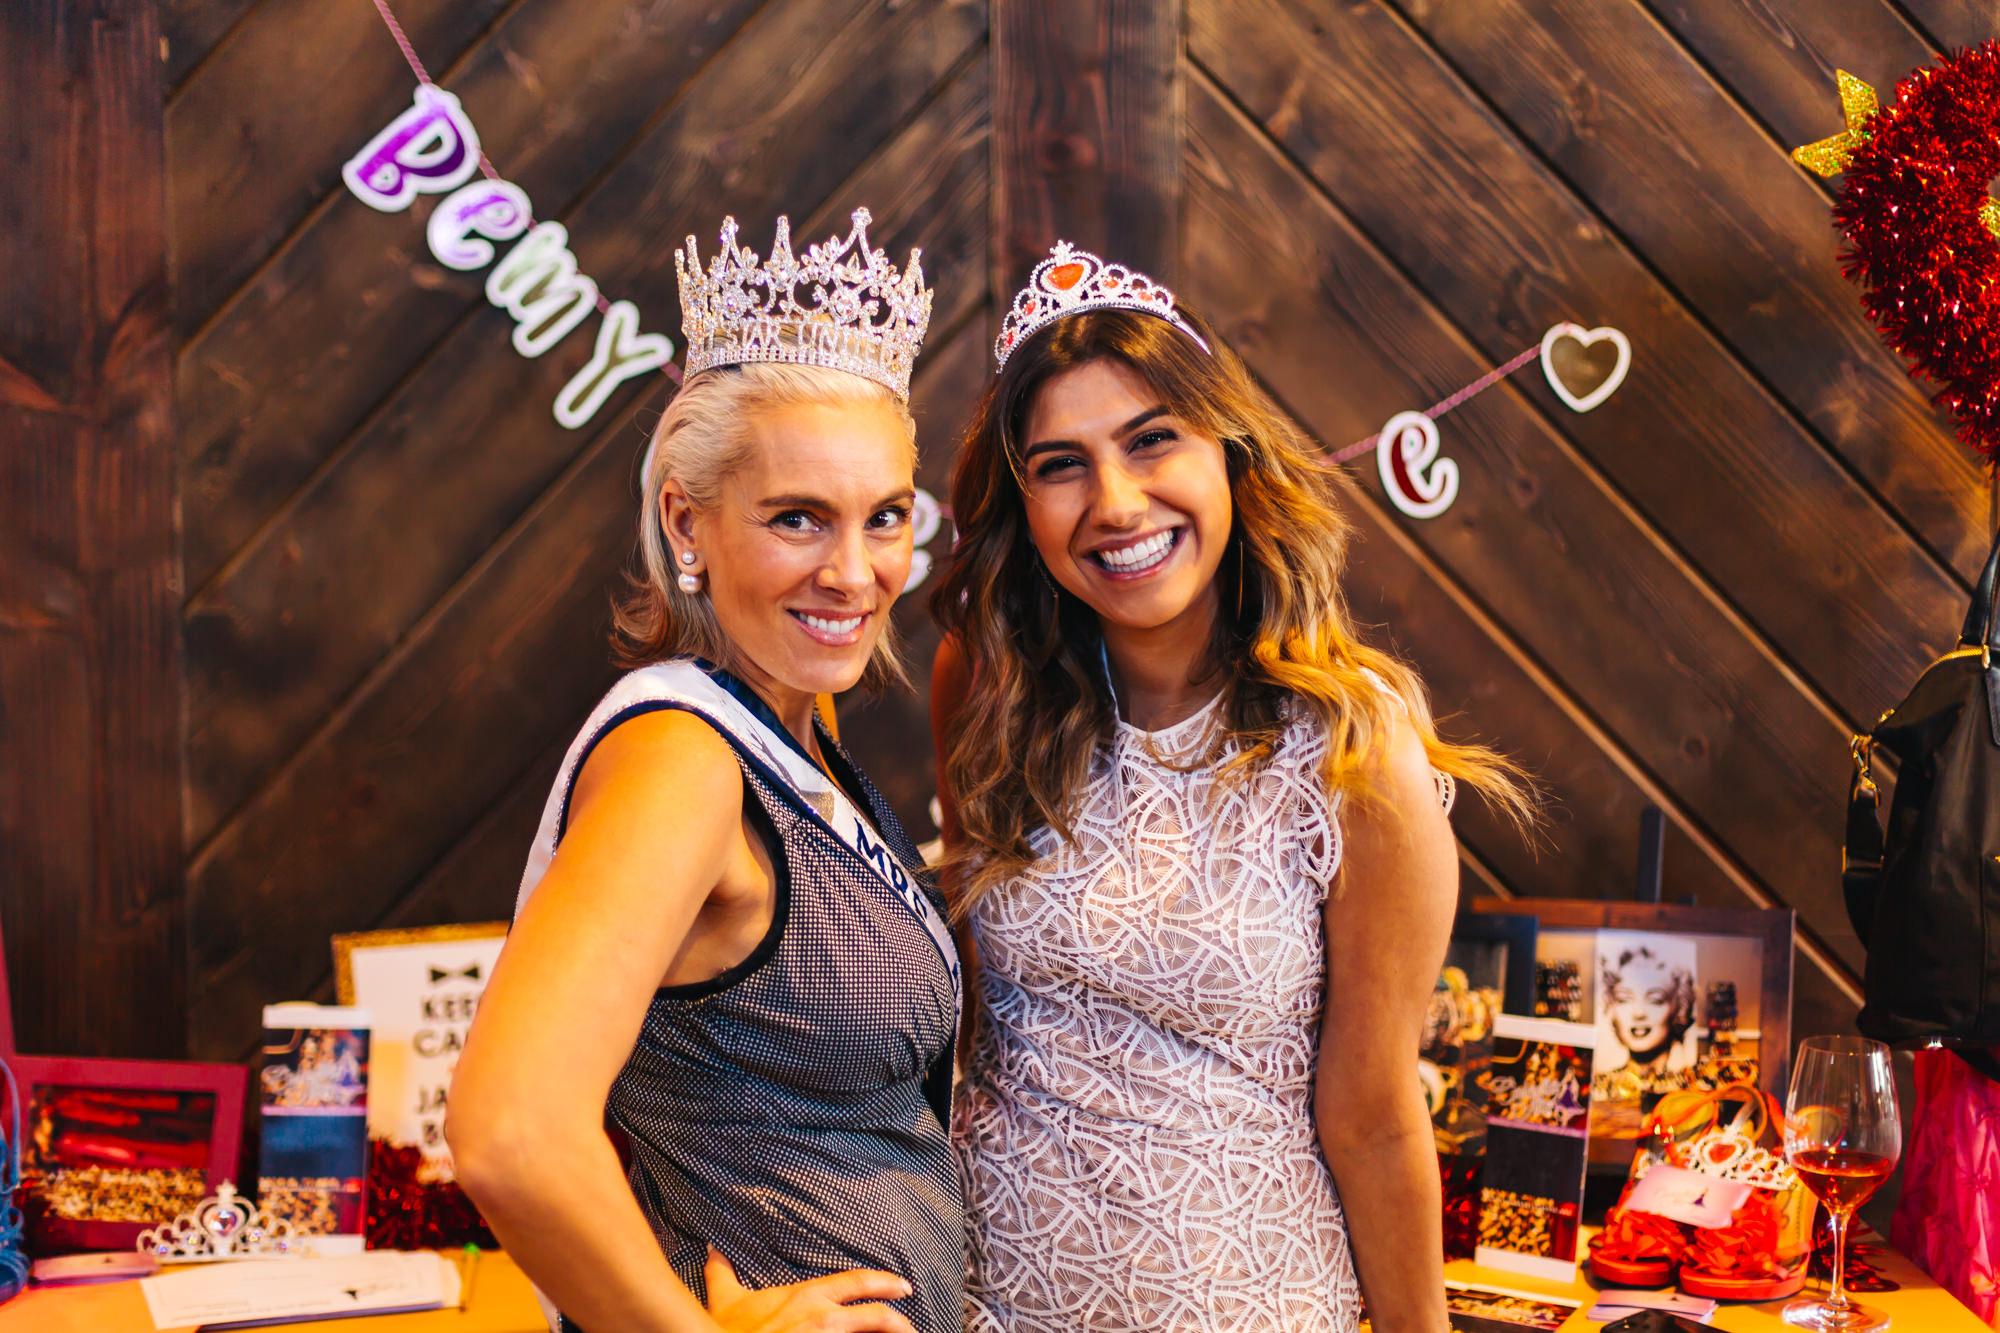 Abby Boretto, Mrs.California All-Star United States & Board member of Cinderella's Attic with Kayla Moshki, Board Member of Cinderella's Attic